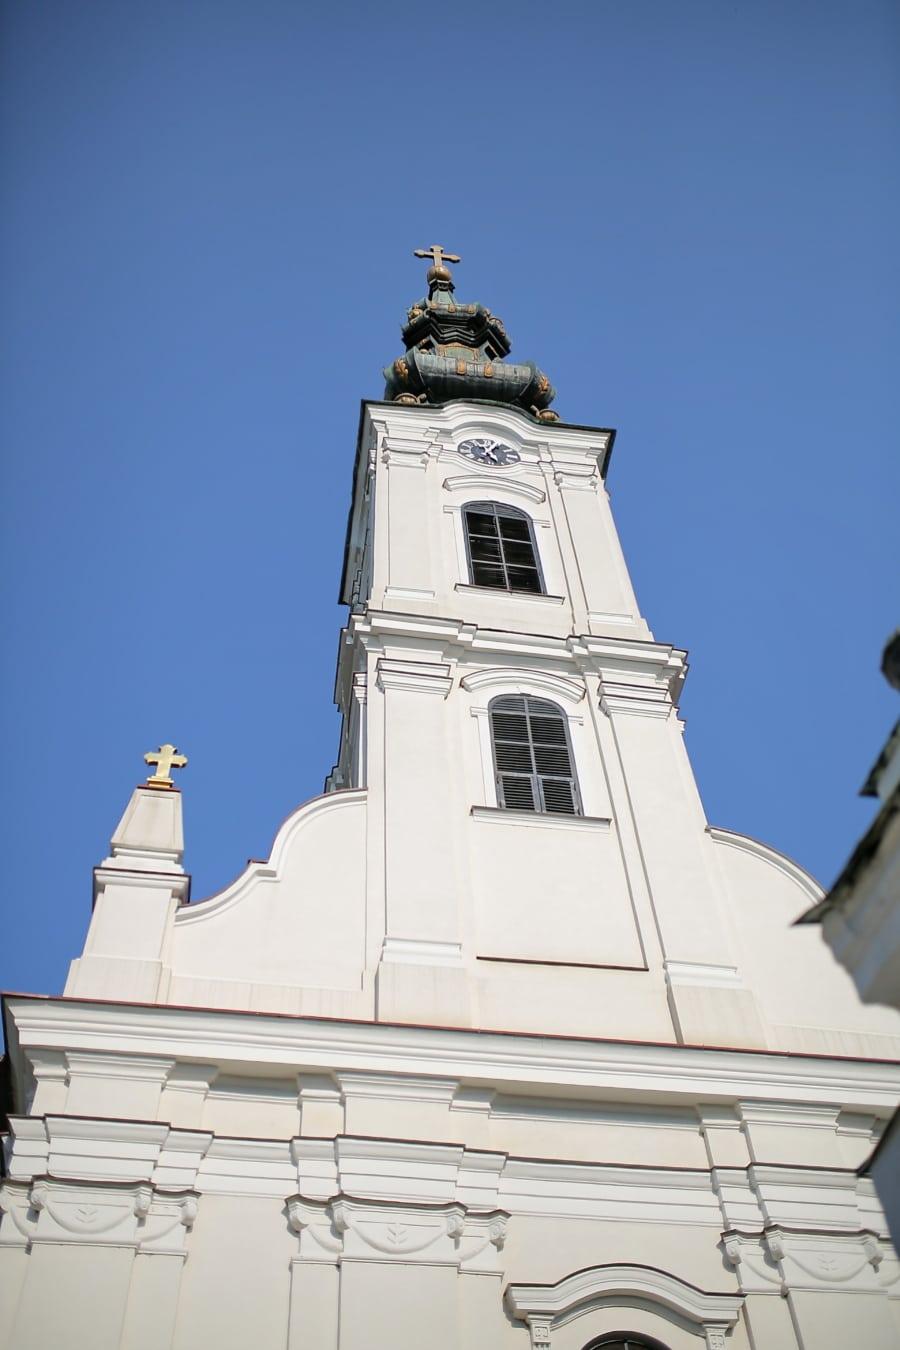 orthodoxe, Christentum, Kirche, Kirchturm, Russisch, Russland, Erstellen von, Struktur, Religion, Kuppel